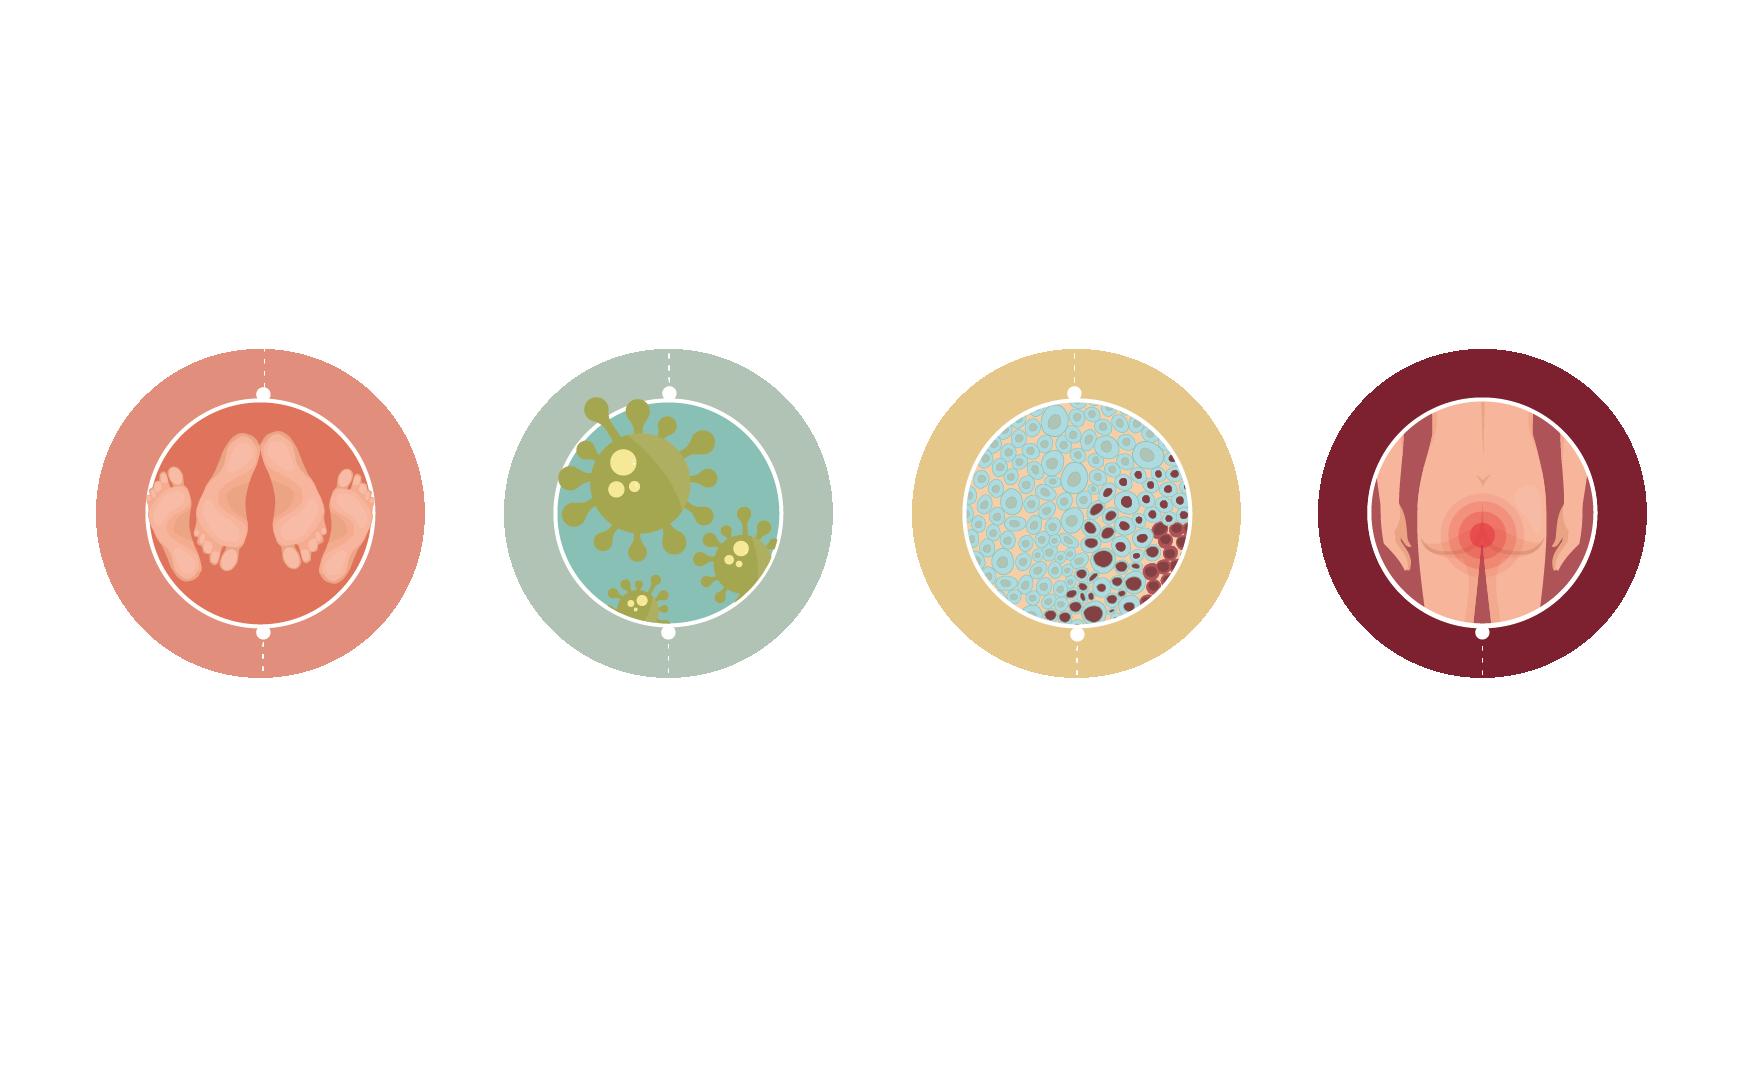 Tények a HPV elleni védőoltásról Hpv vakcina bivirkninger